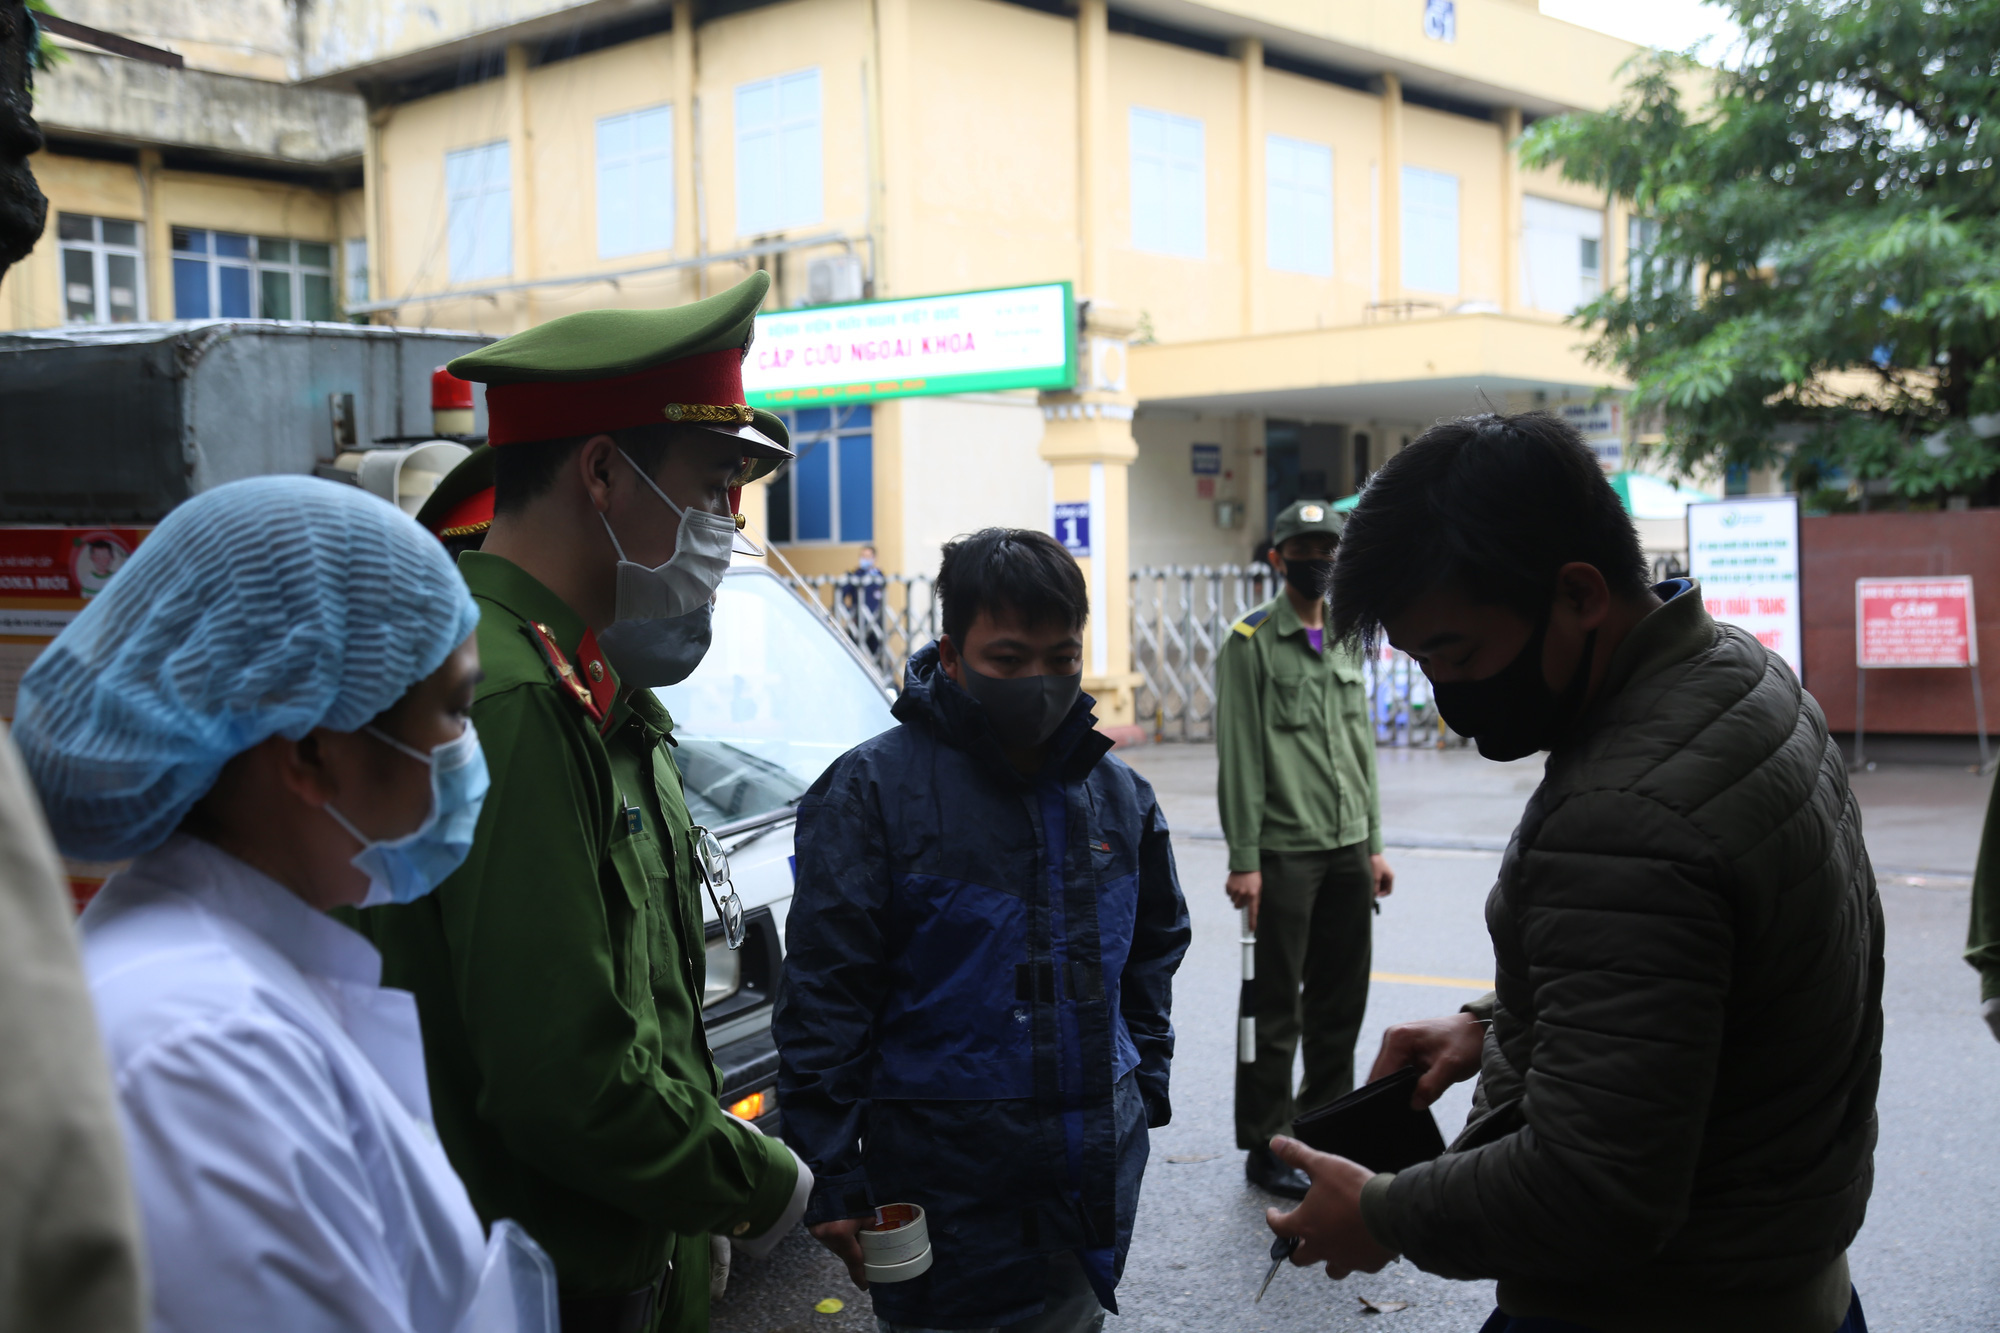 Bị triệu tập vì nghi ăn trộm, nam thanh niên dọa vừa từ Bạch Mai về để trốn công an - Ảnh 1.